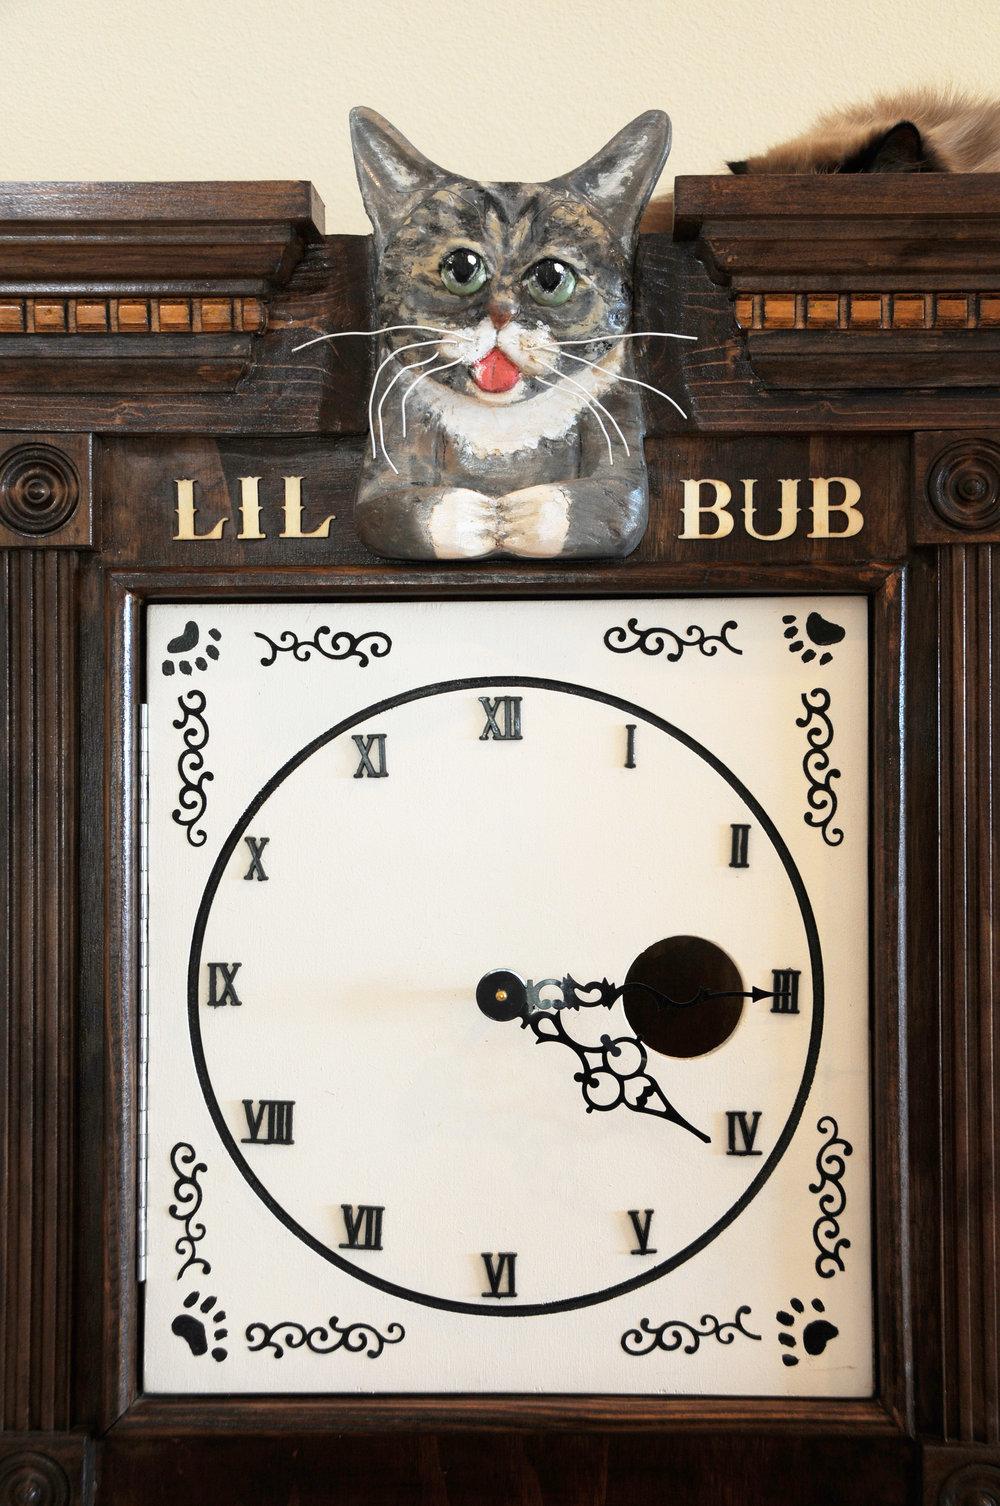 Sq-Paws-Bub-Clock-004.JPG